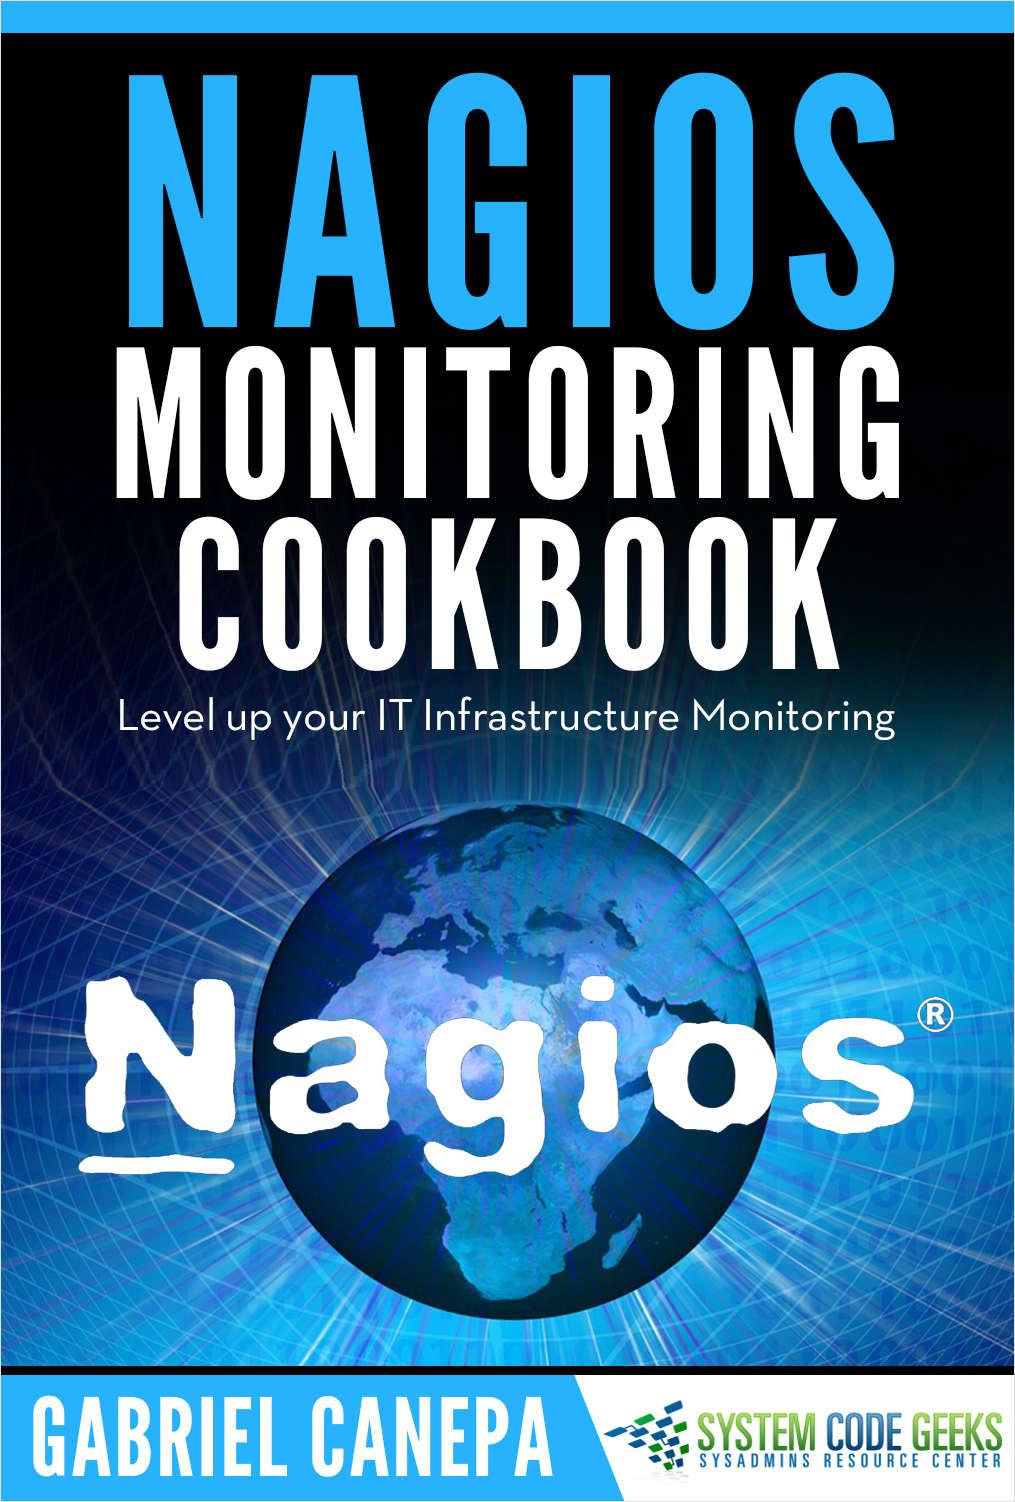 Nagios Monitoring Handbook